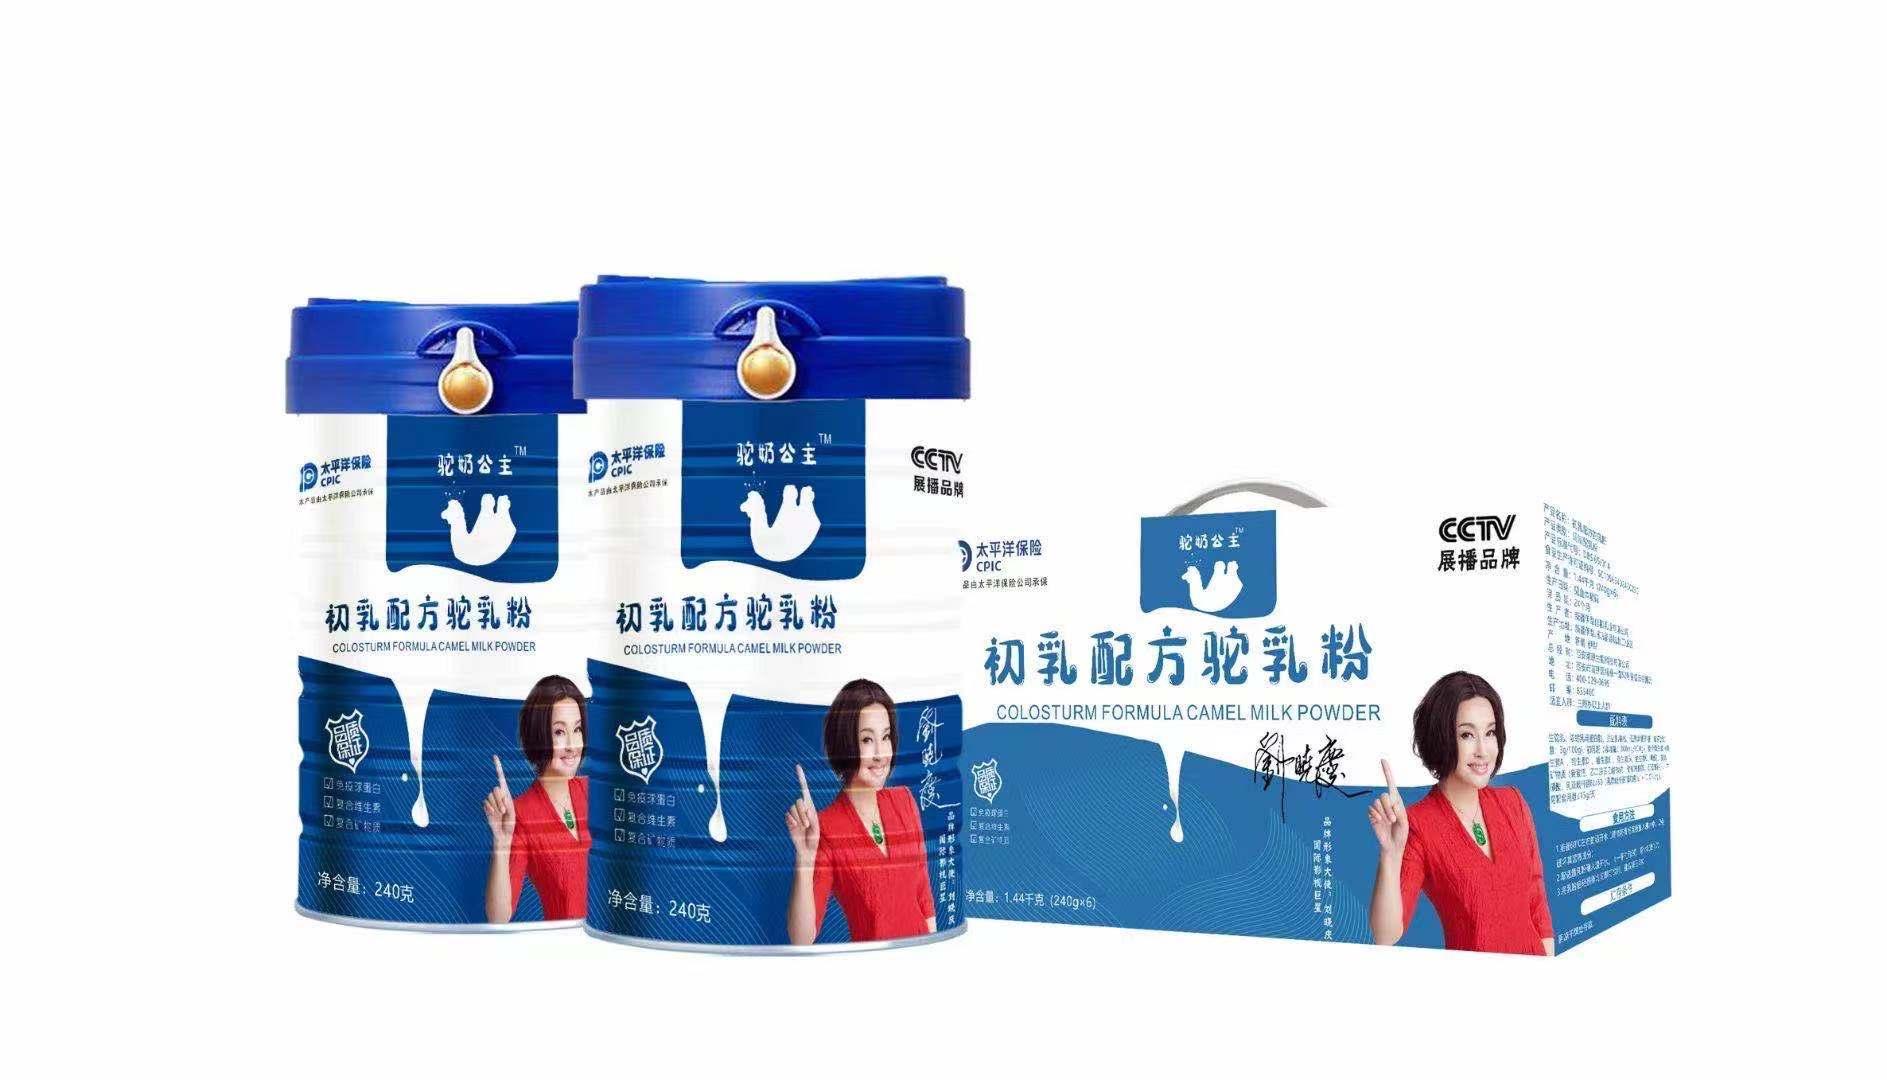 刘晓庆代言 新疆原产初乳配方驼乳粉